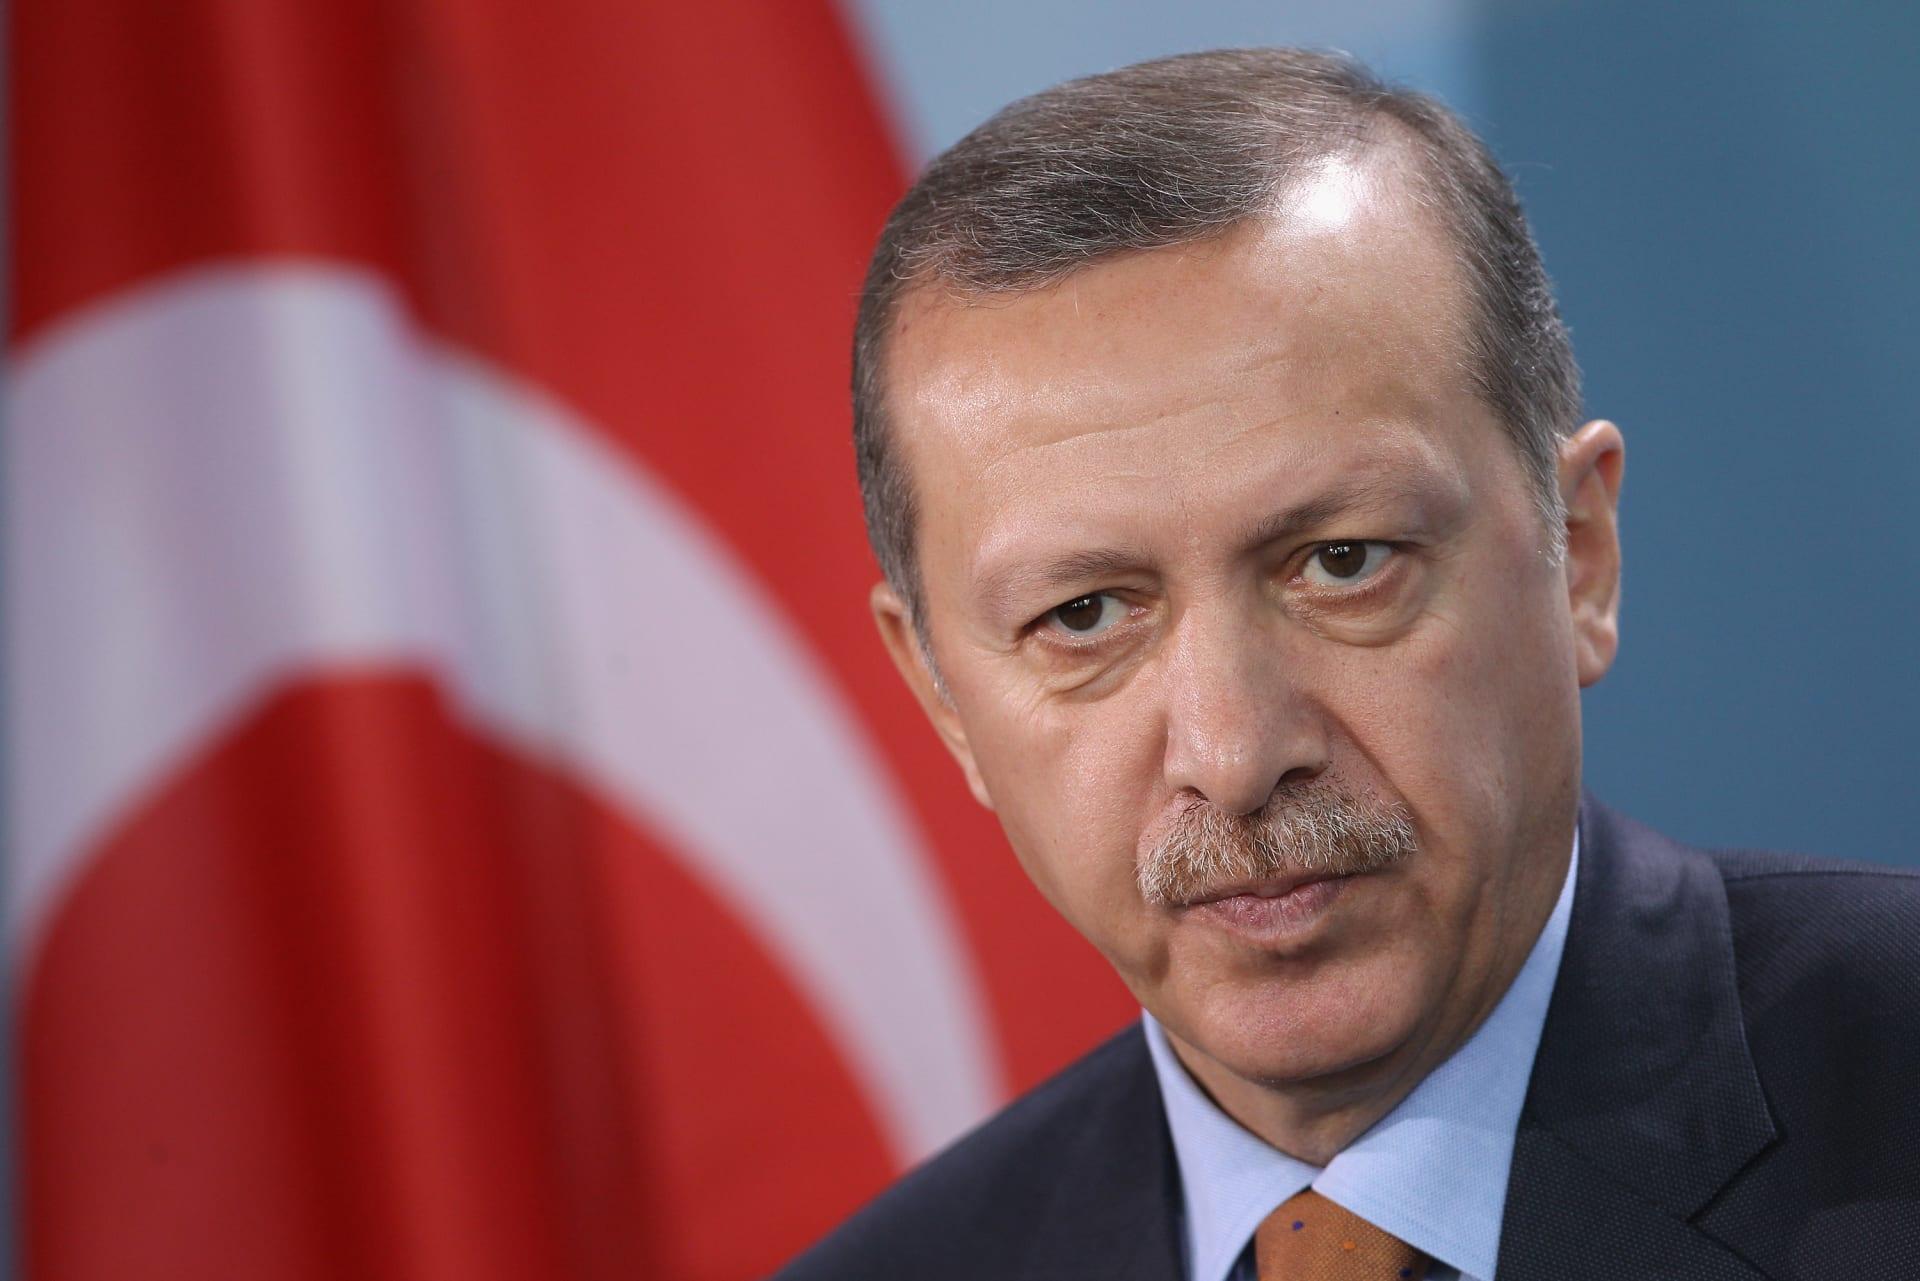 لينا الخطيب لـCNN: بعد هجوم إسطنبول وتطبيع العلاقات مع روسيا وإسرائيل.. لماذا يبدو أردوغان أضعف من أي وقت مضى؟